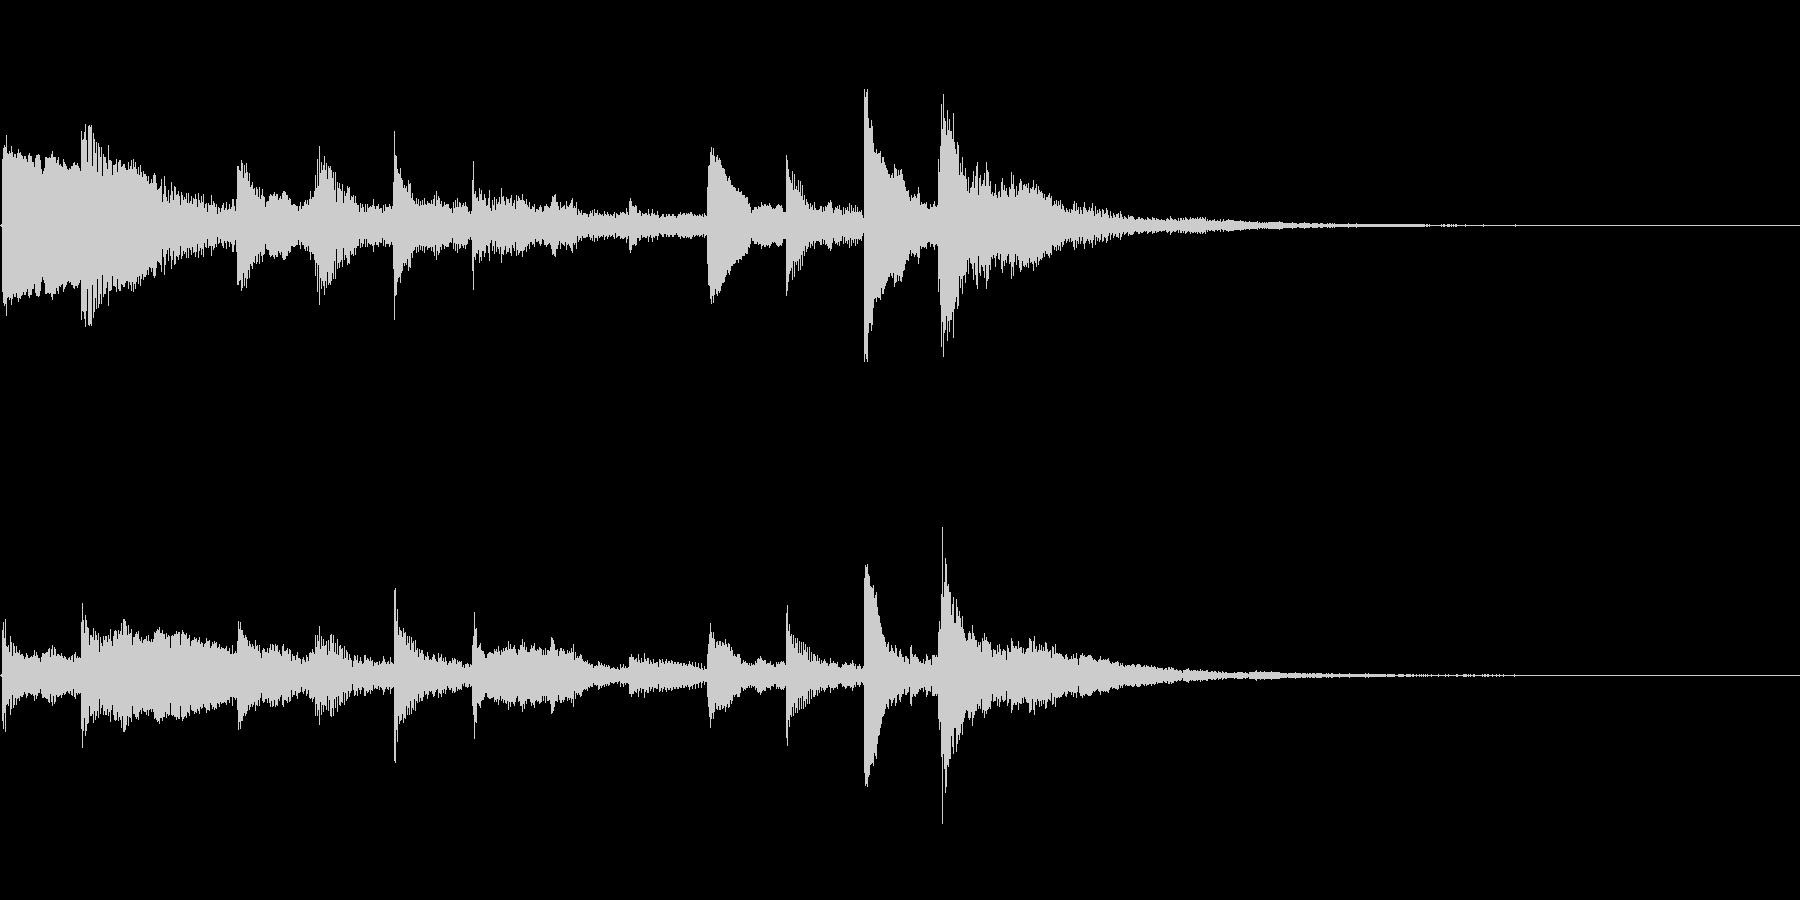 ハープを使ったシンプルなサウンドロゴの未再生の波形